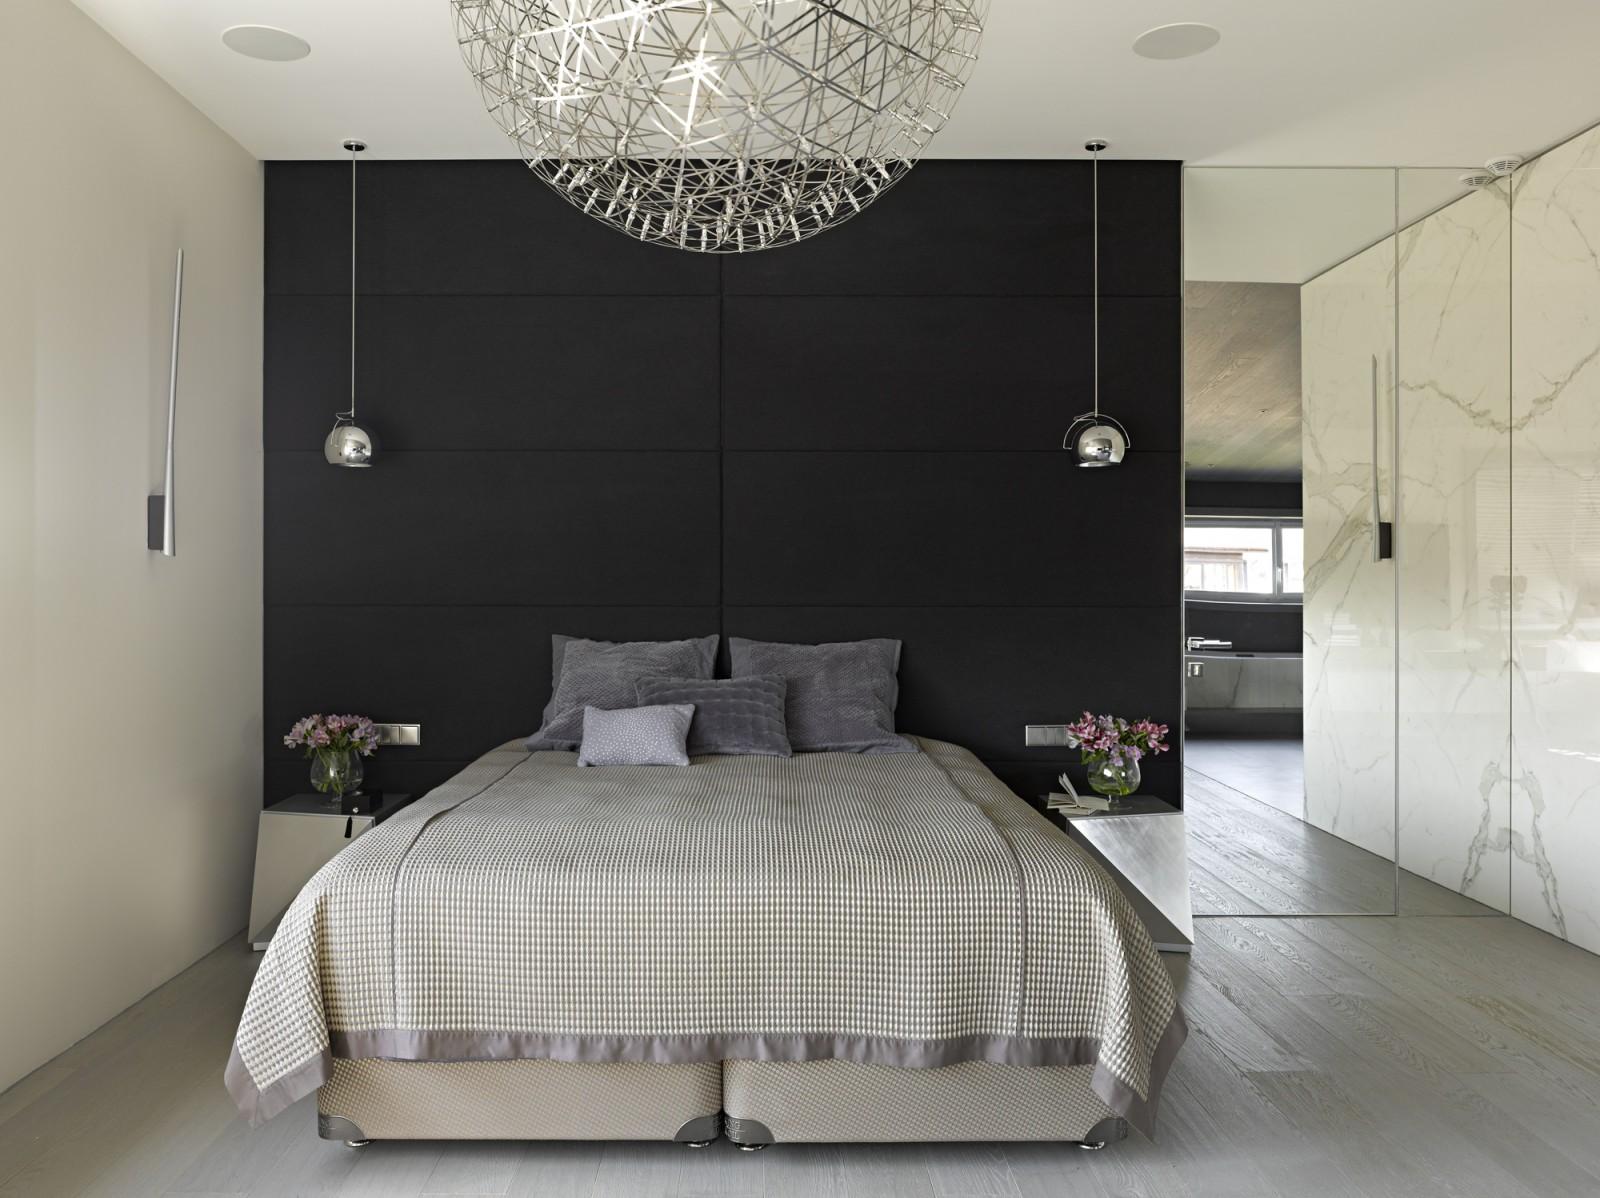 Lovely small bedroom ideas from Alexandra Fedorova